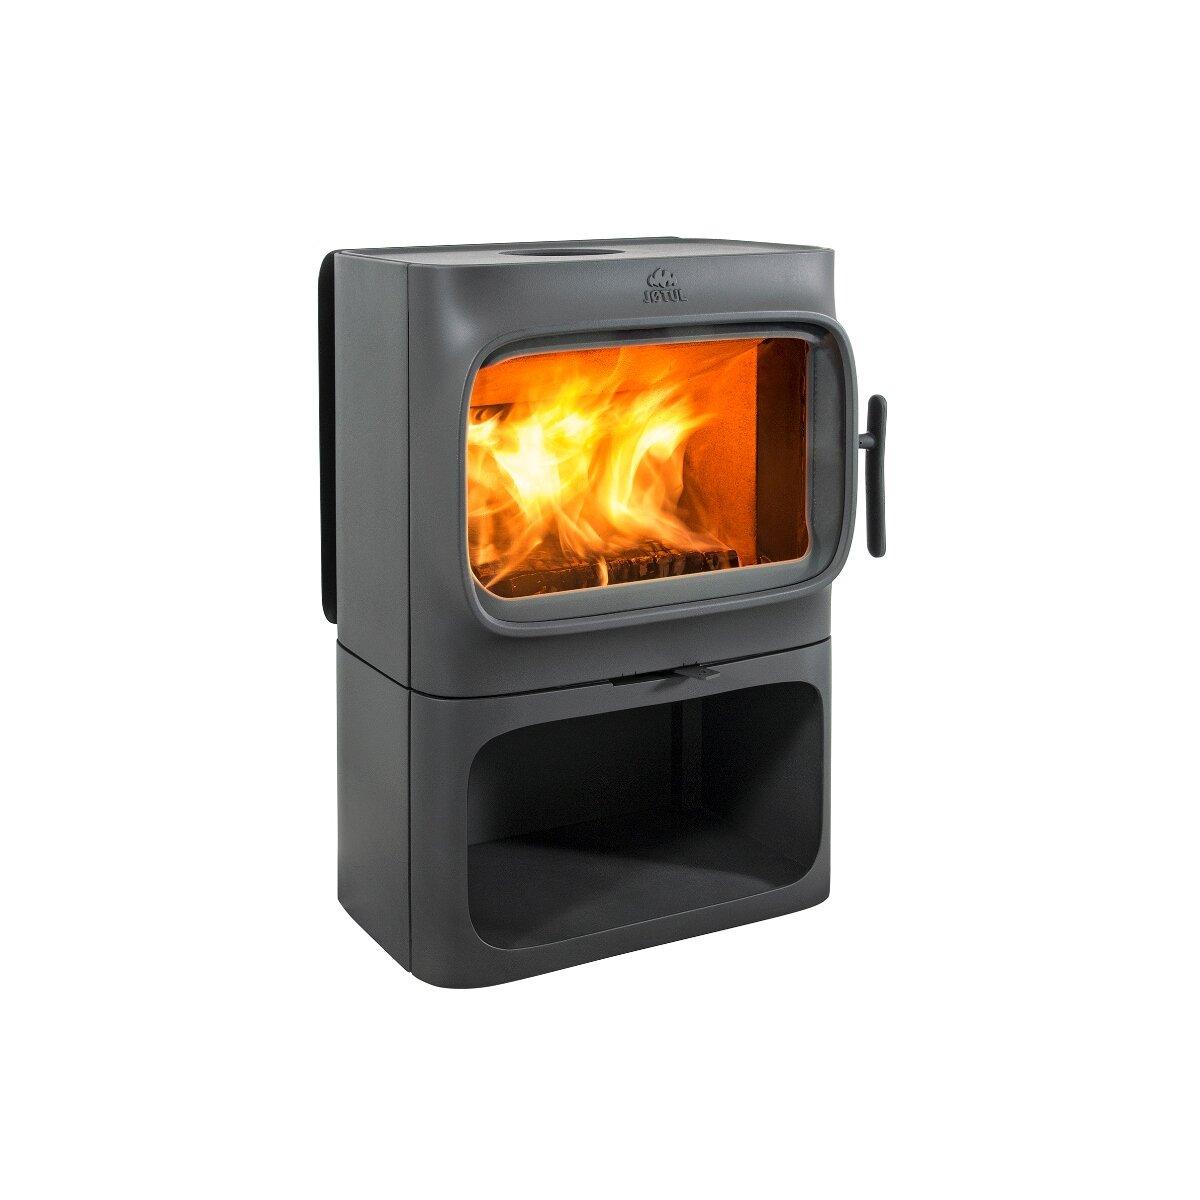 kaminofen gussofen jotul f 305 b online kaufen feuer fuchs von jotul a s mit. Black Bedroom Furniture Sets. Home Design Ideas